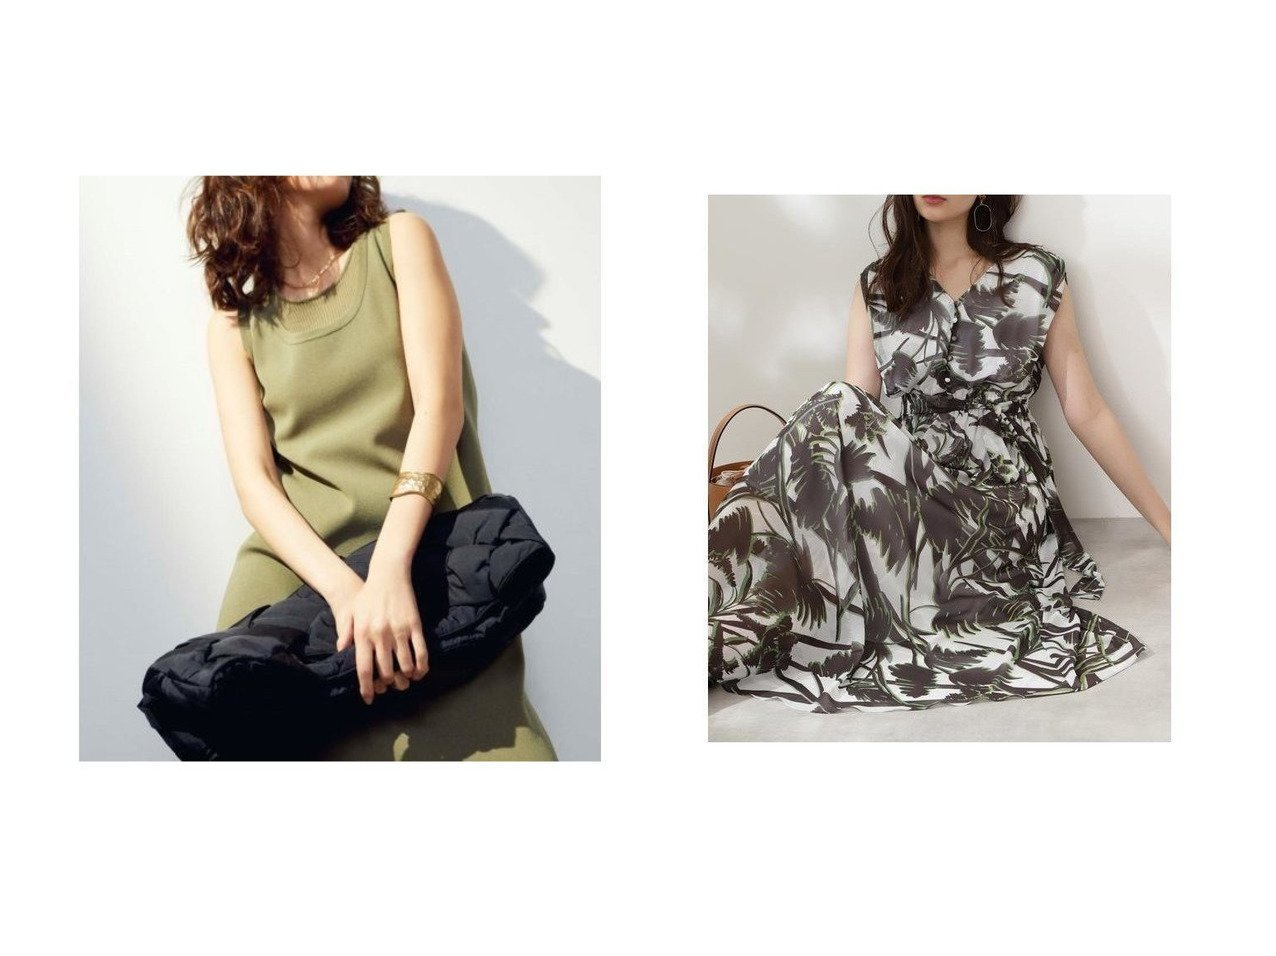 【Pinky&Dianne/ピンキーアンドダイアン】の共布リボン付きリーフプリントマキシワンピース&【Mila Owen/ミラオーウェン】のタンク型ニットワンピース 【ワンピース・ドレス】おすすめ!人気、トレンド・レディースファッションの通販 おすすめで人気の流行・トレンド、ファッションの通販商品 インテリア・家具・メンズファッション・キッズファッション・レディースファッション・服の通販 founy(ファニー) https://founy.com/ ファッション Fashion レディースファッション WOMEN ワンピース Dress ニットワンピース Knit Dresses マキシワンピース Maxi Dress カットソー シンプル スマート タンク マキシ リラックス ロング おすすめ Recommend ギャザー スタンダード ドレープ フロント リボン |ID:crp329100000044181